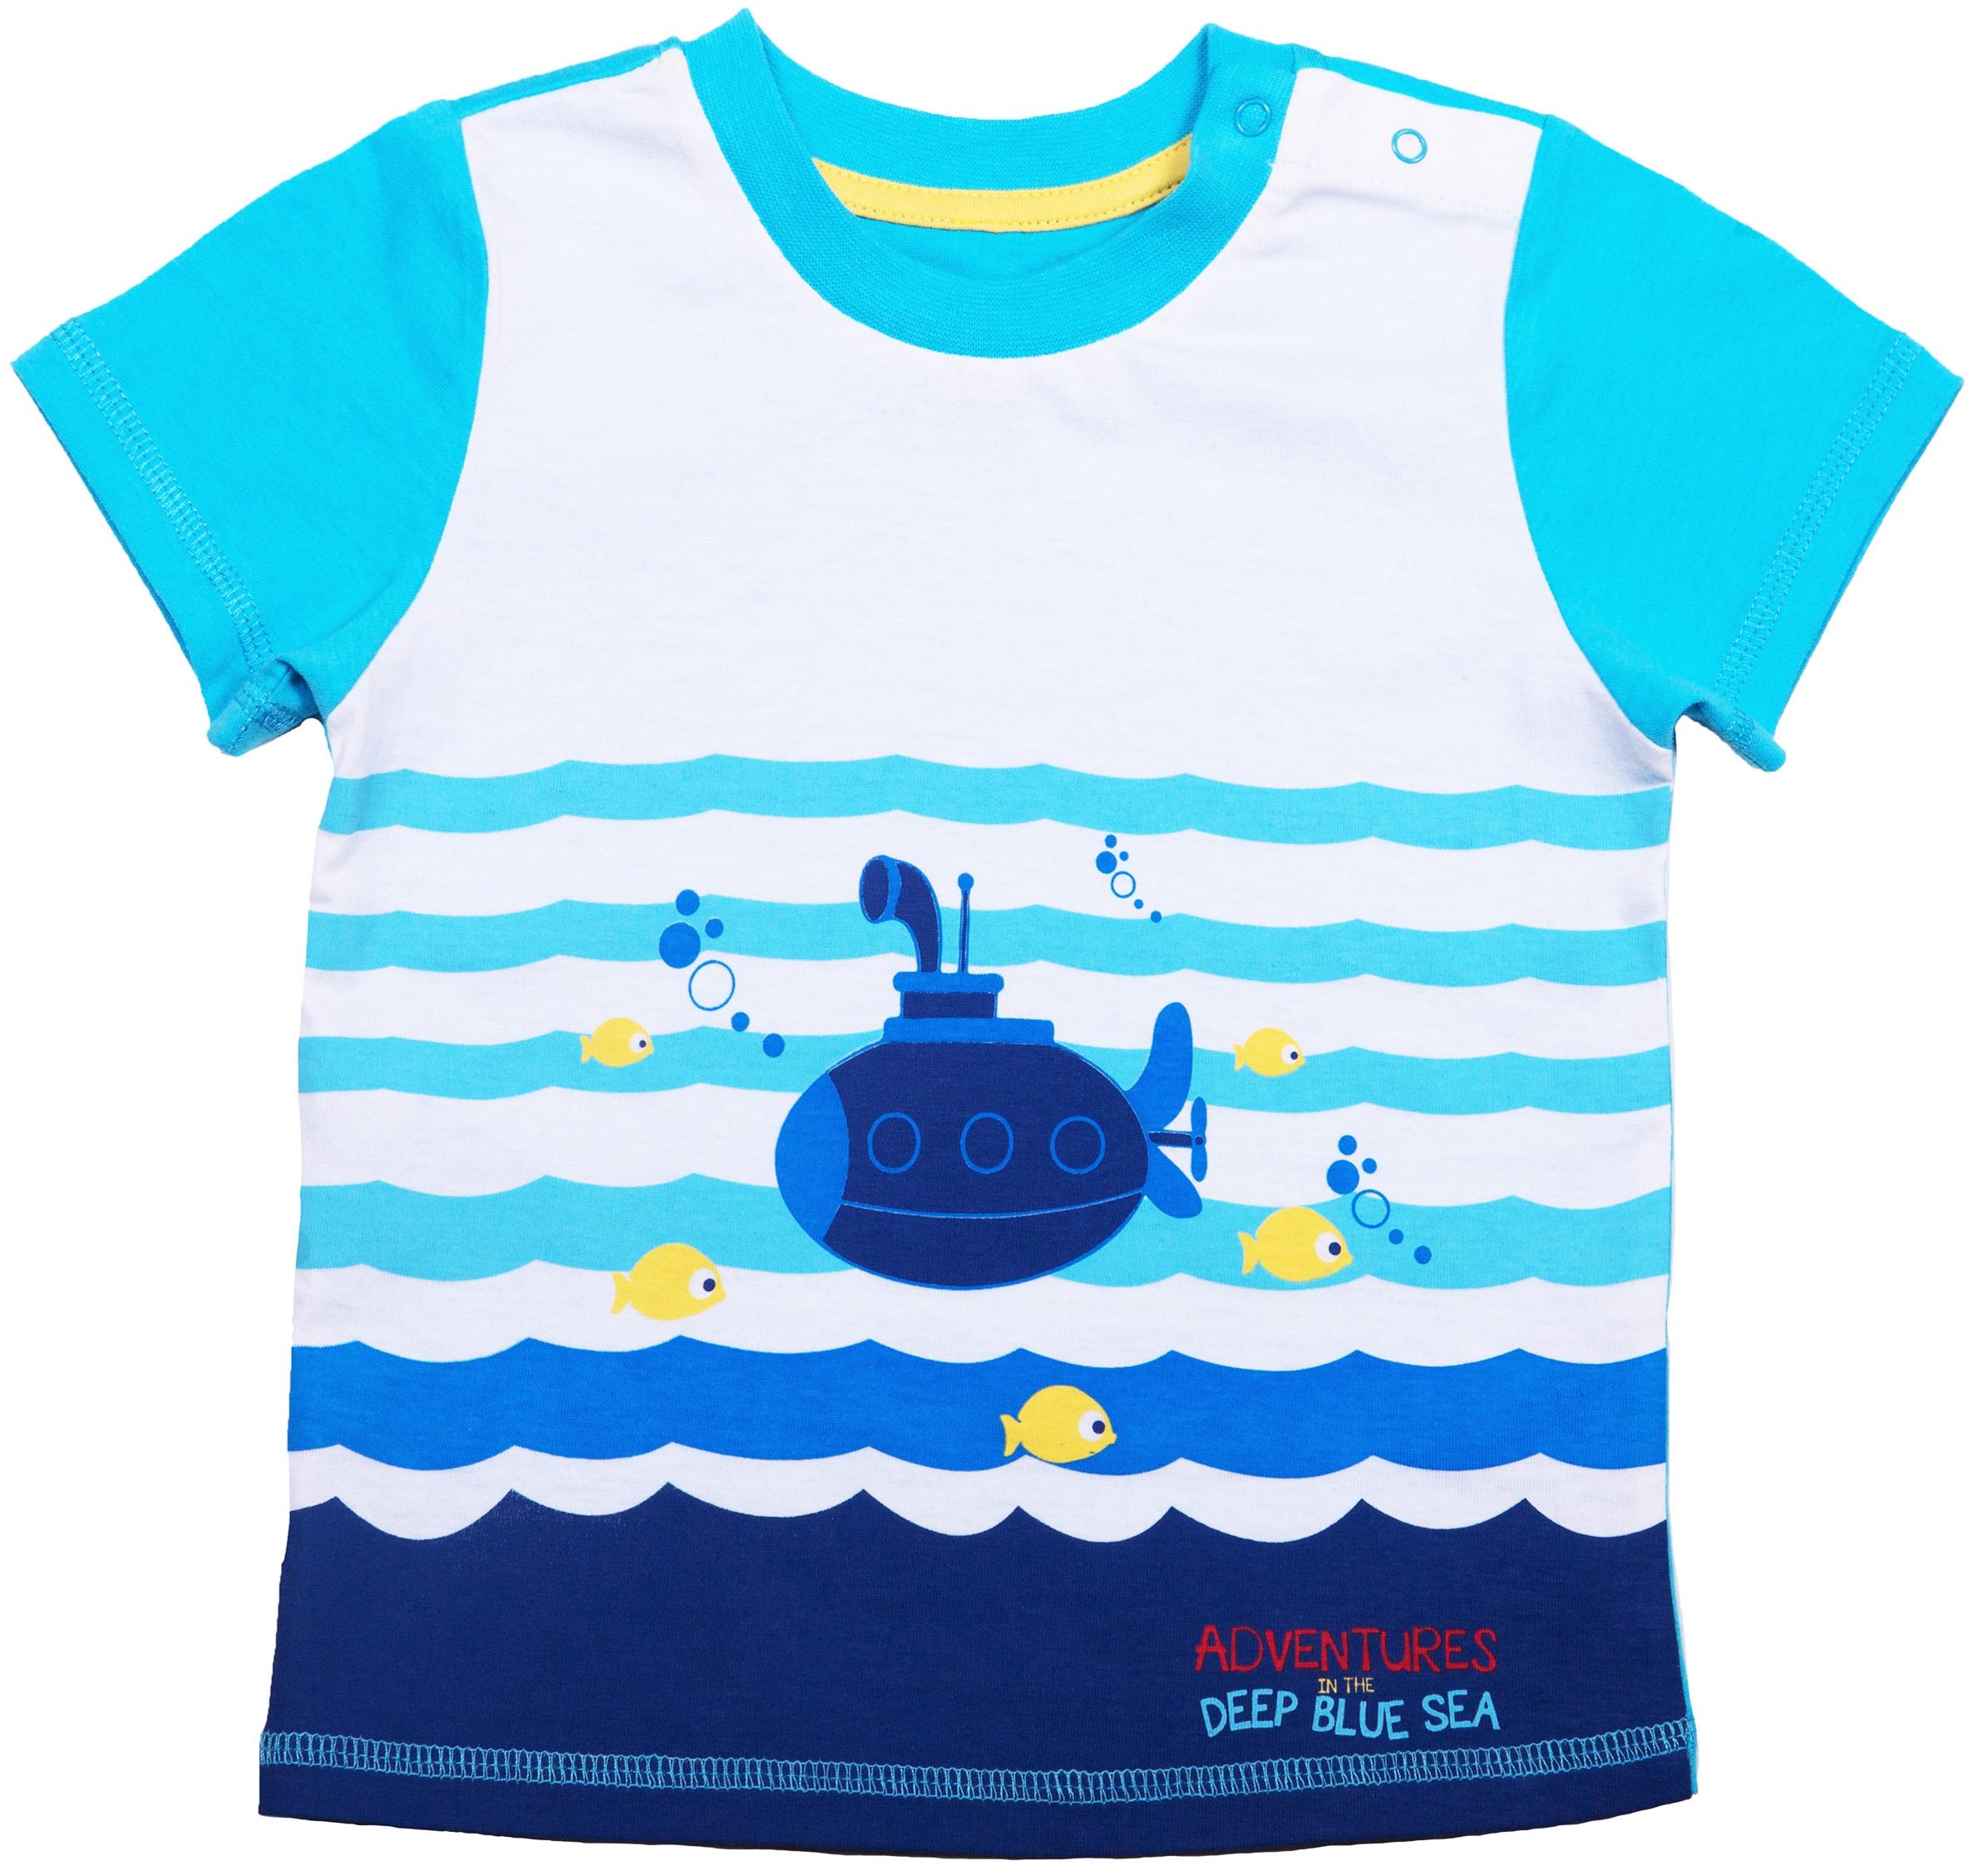 Купить Комплект футболка и шорты, Подводный мир 2, 1шт., Barkito S17B2009J(2), Узбекистан, футболка: белый, шорты: синий